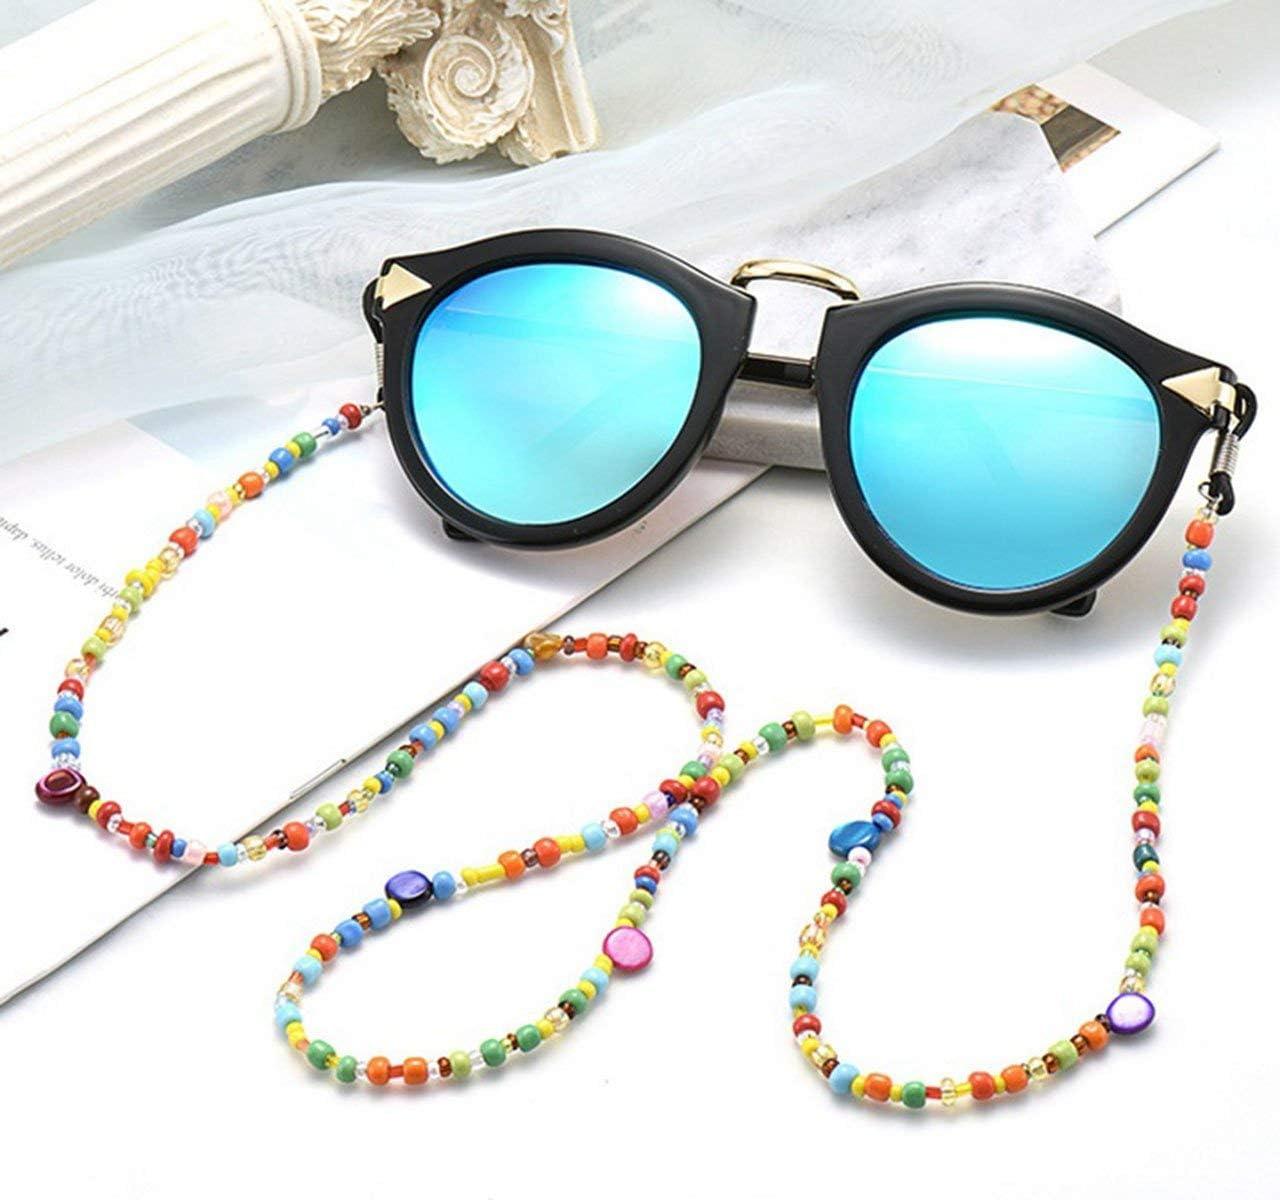 Catena per occhiali con perle colorate supporto per occhiali occhiali in velluto a coste e occhiali da sole catena per occhiali JAWSEU